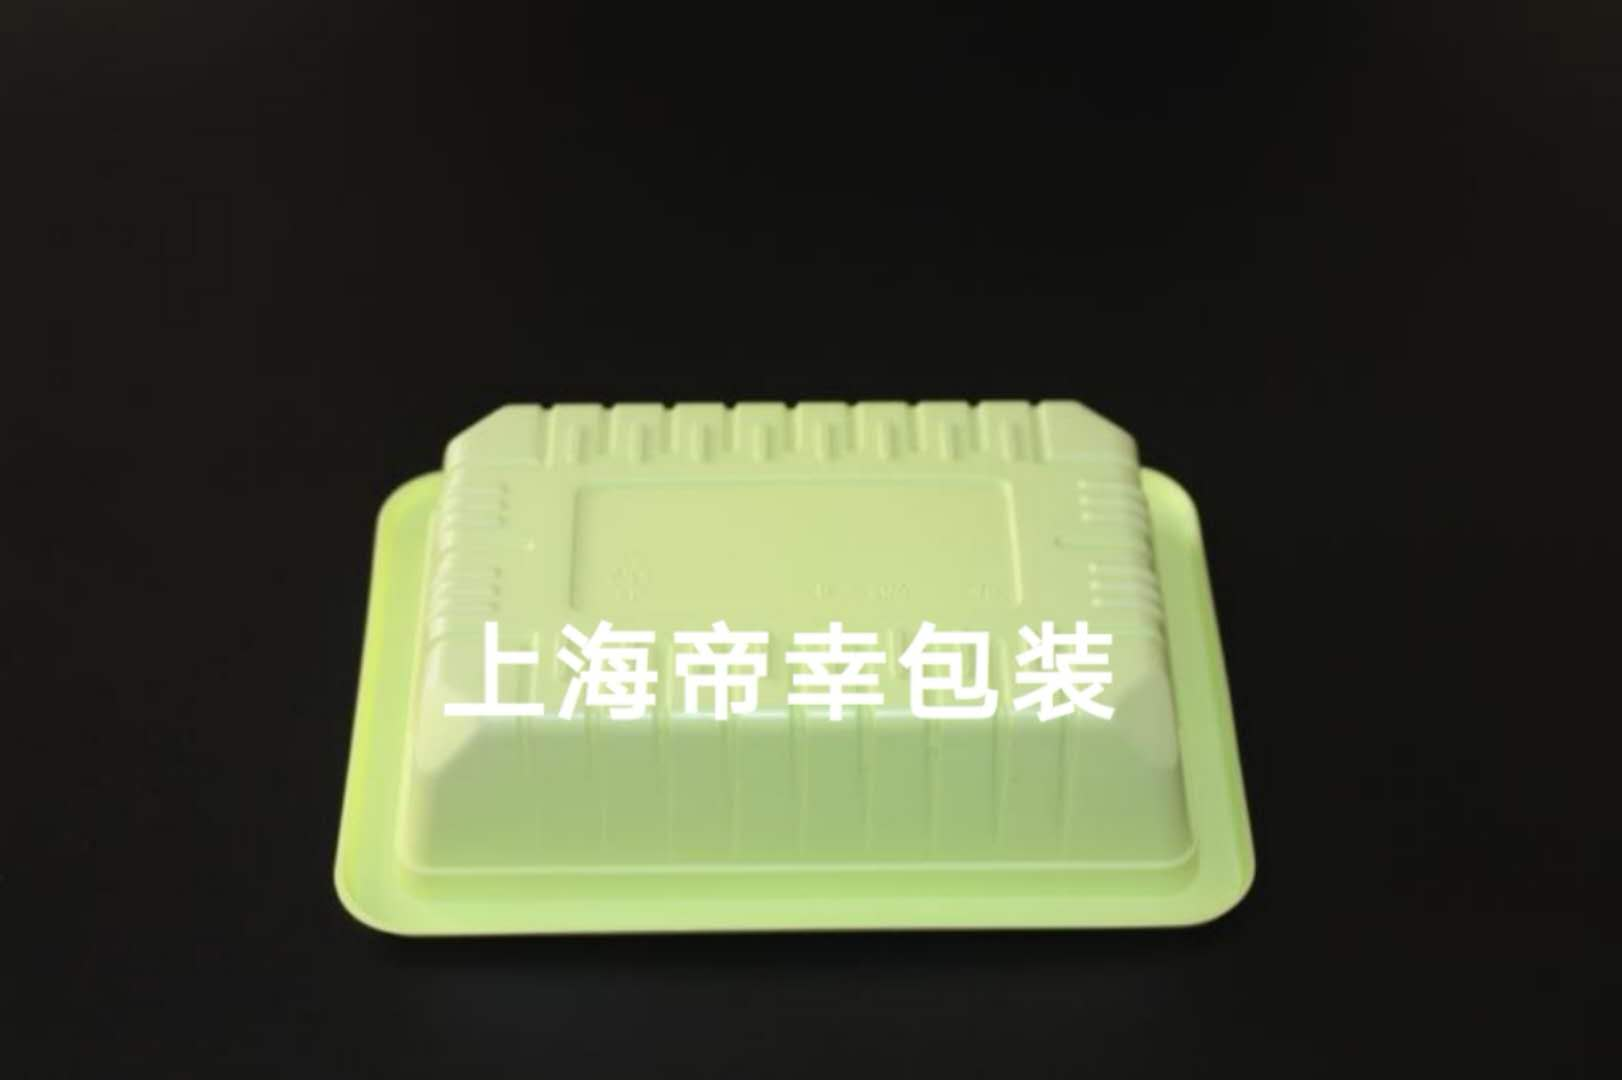 冷鲜肉包装盒